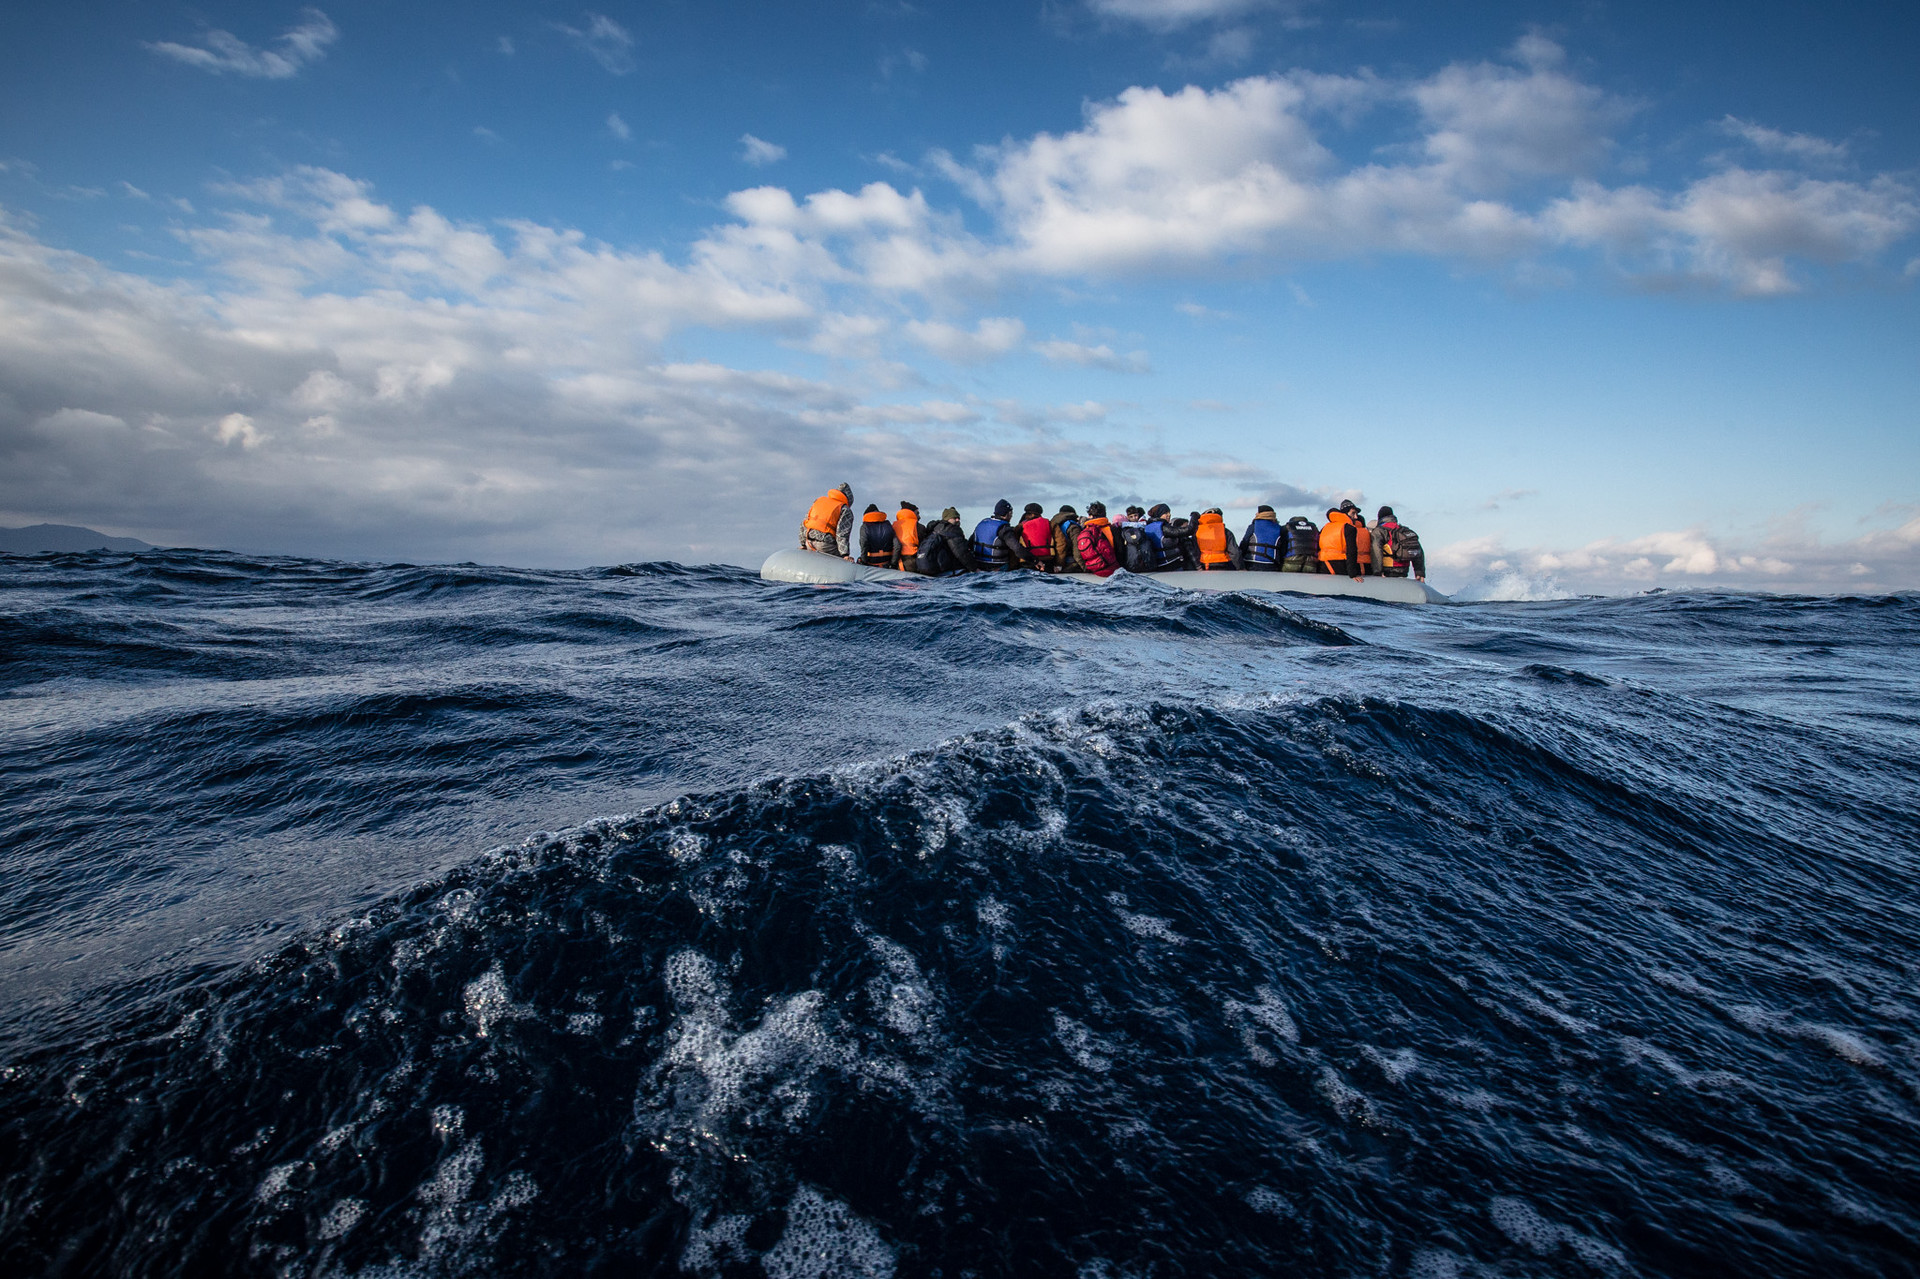 En diciembre de 2015. Todas las personas fueron rescatadas con éxitos y trasladadas a la bahía de Metimna.